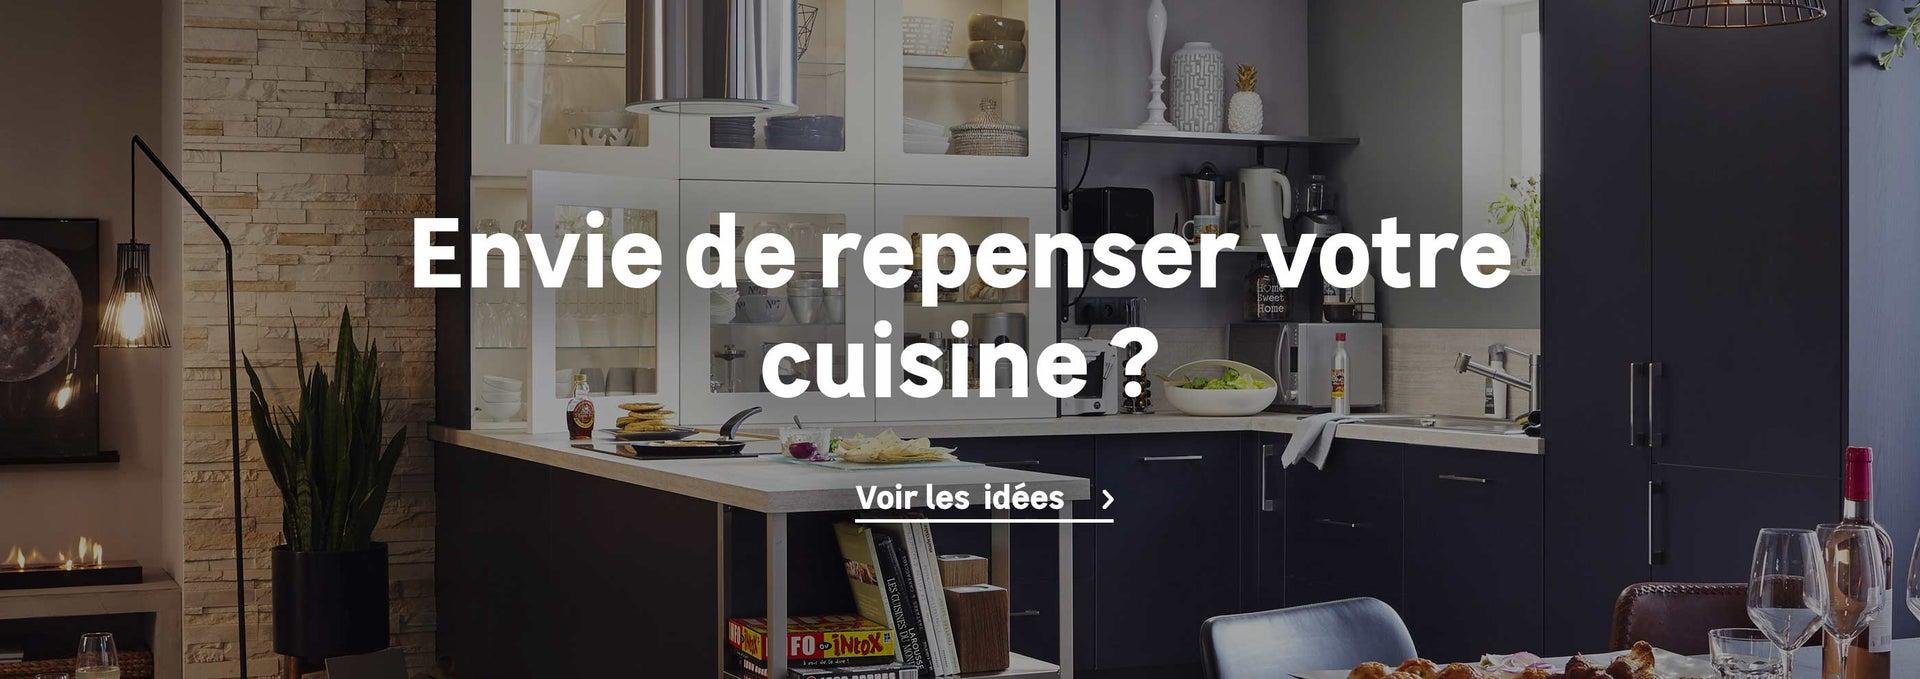 ZM_pose_cuisine_2800x990